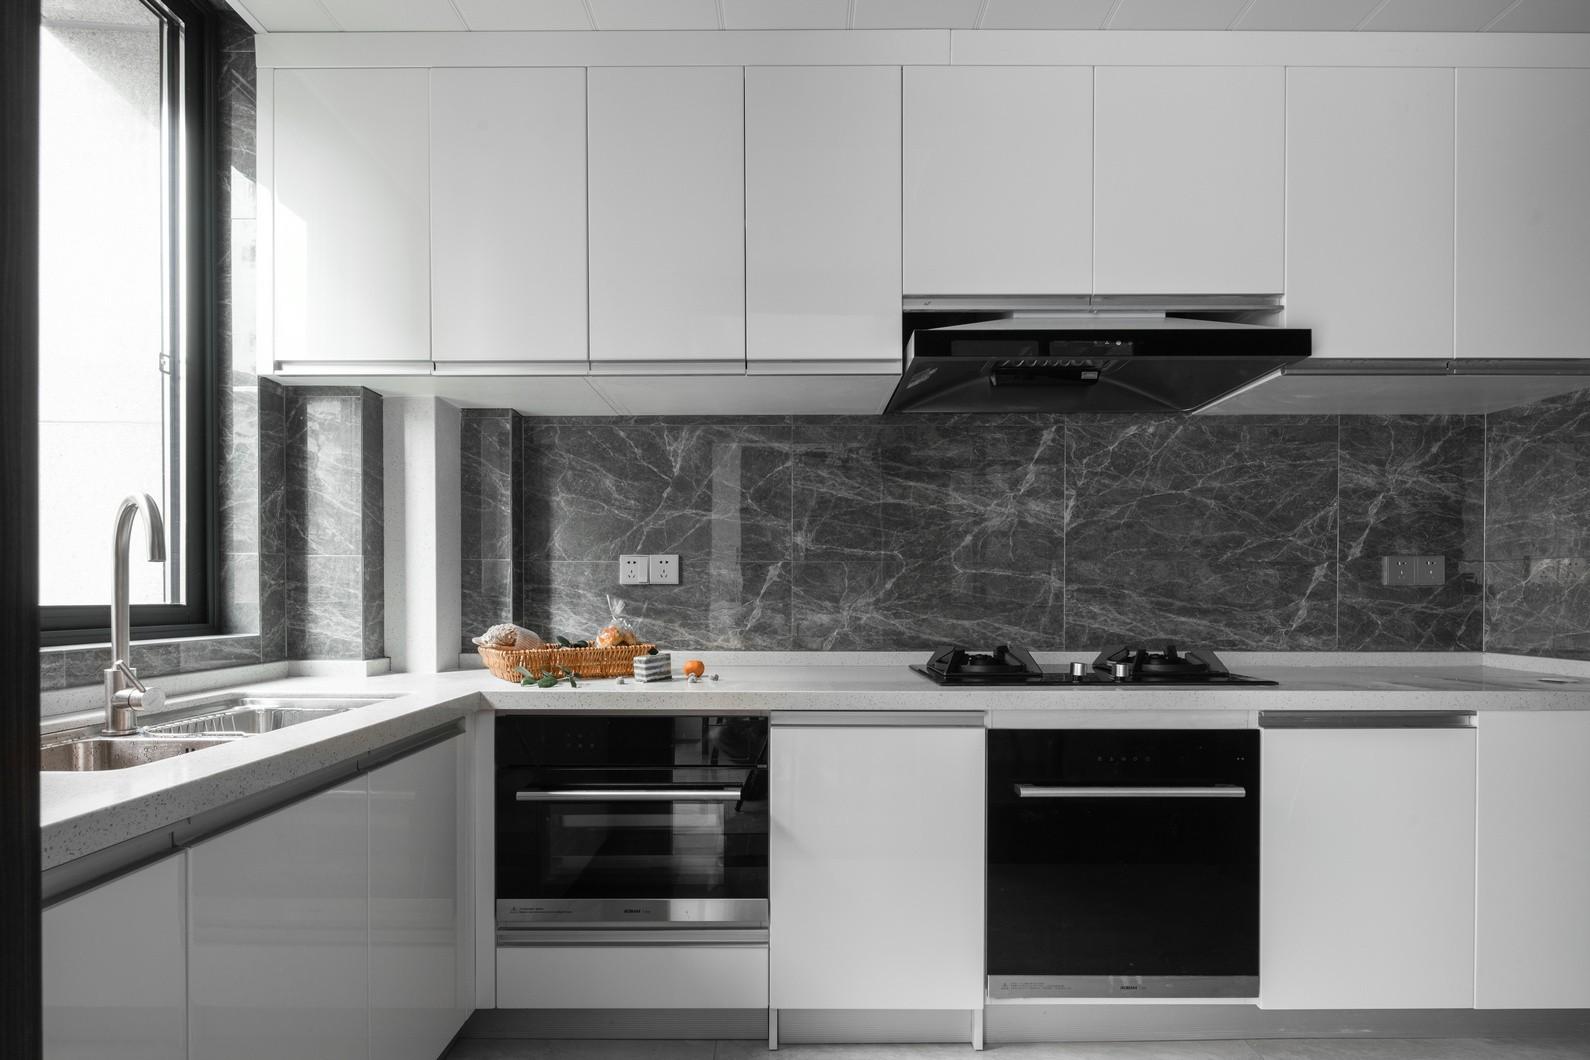 2021混搭厨房装修图 2021混搭灶台装修设计